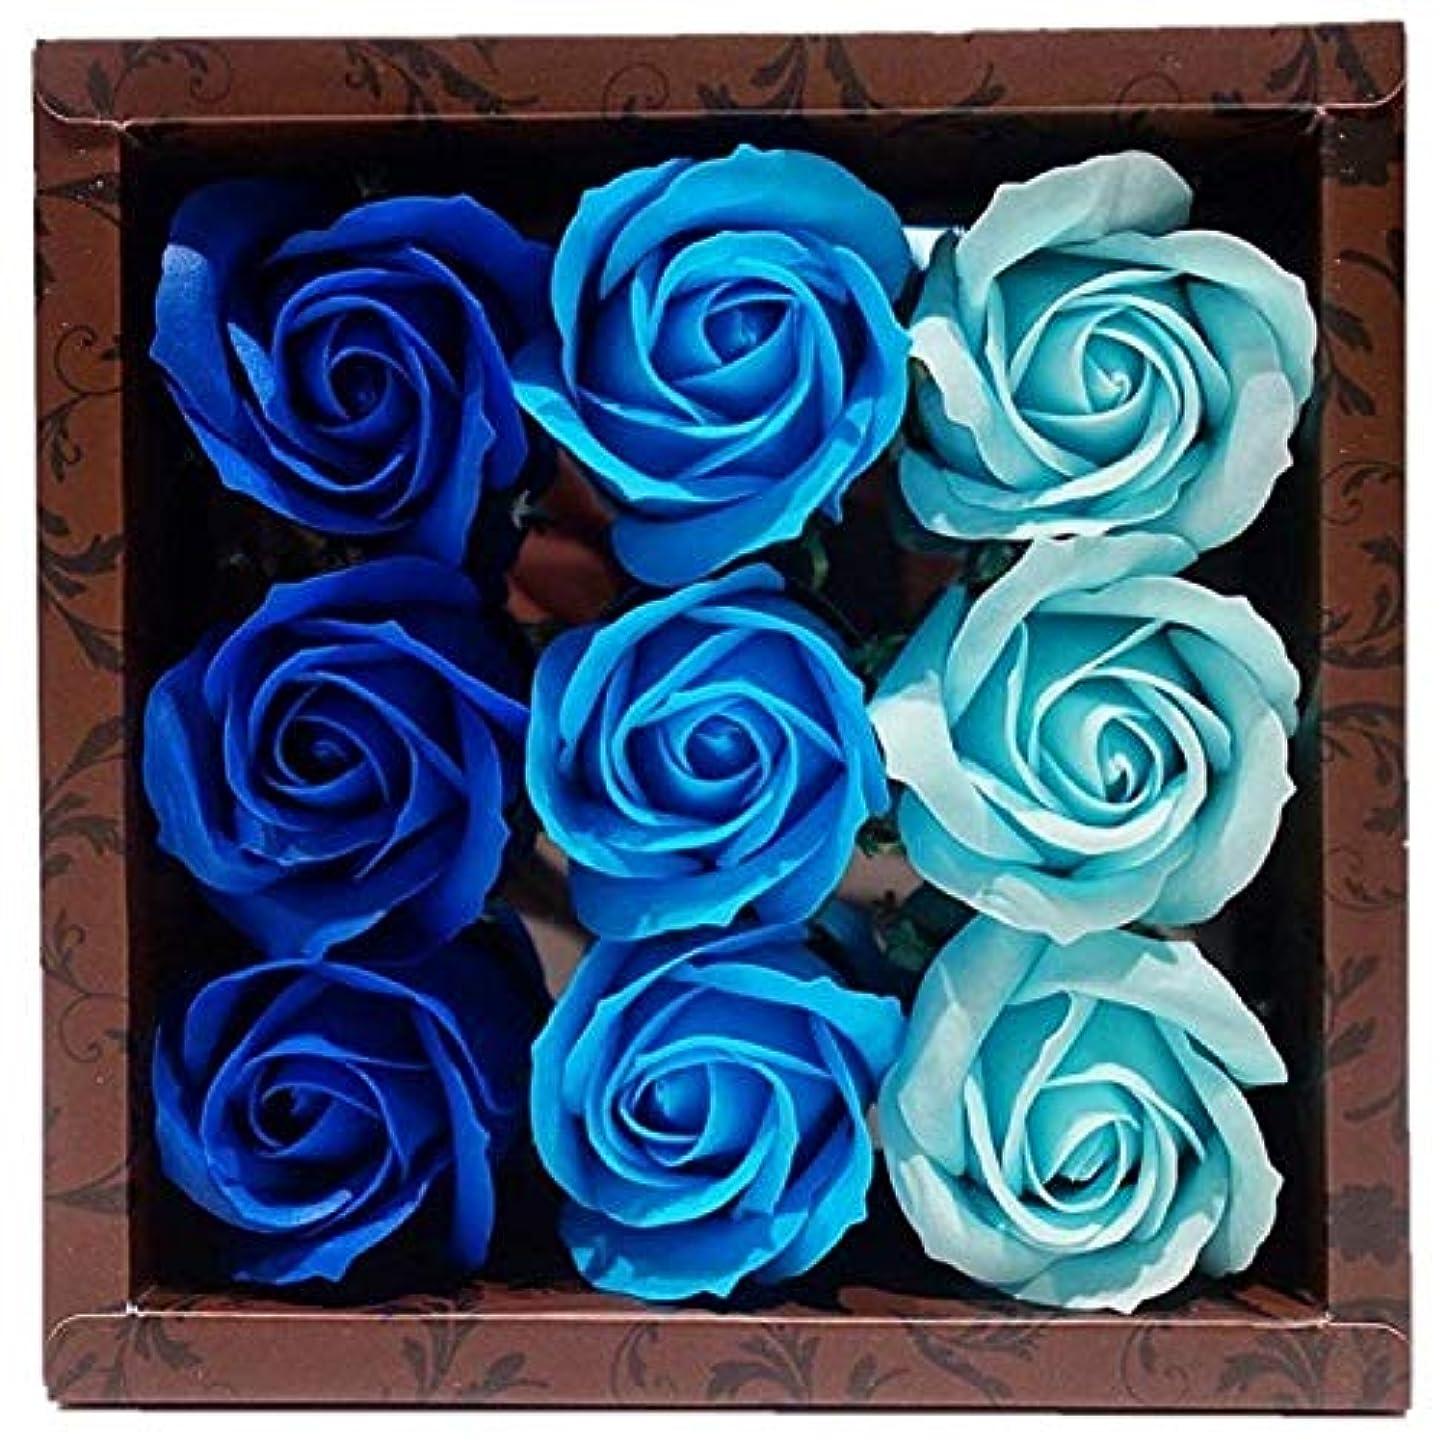 箱哀れなおもしろいバスフレグランス バスフラワー ローズフレグランス ブルーカラー ギフト お花の形の入浴剤 ばら